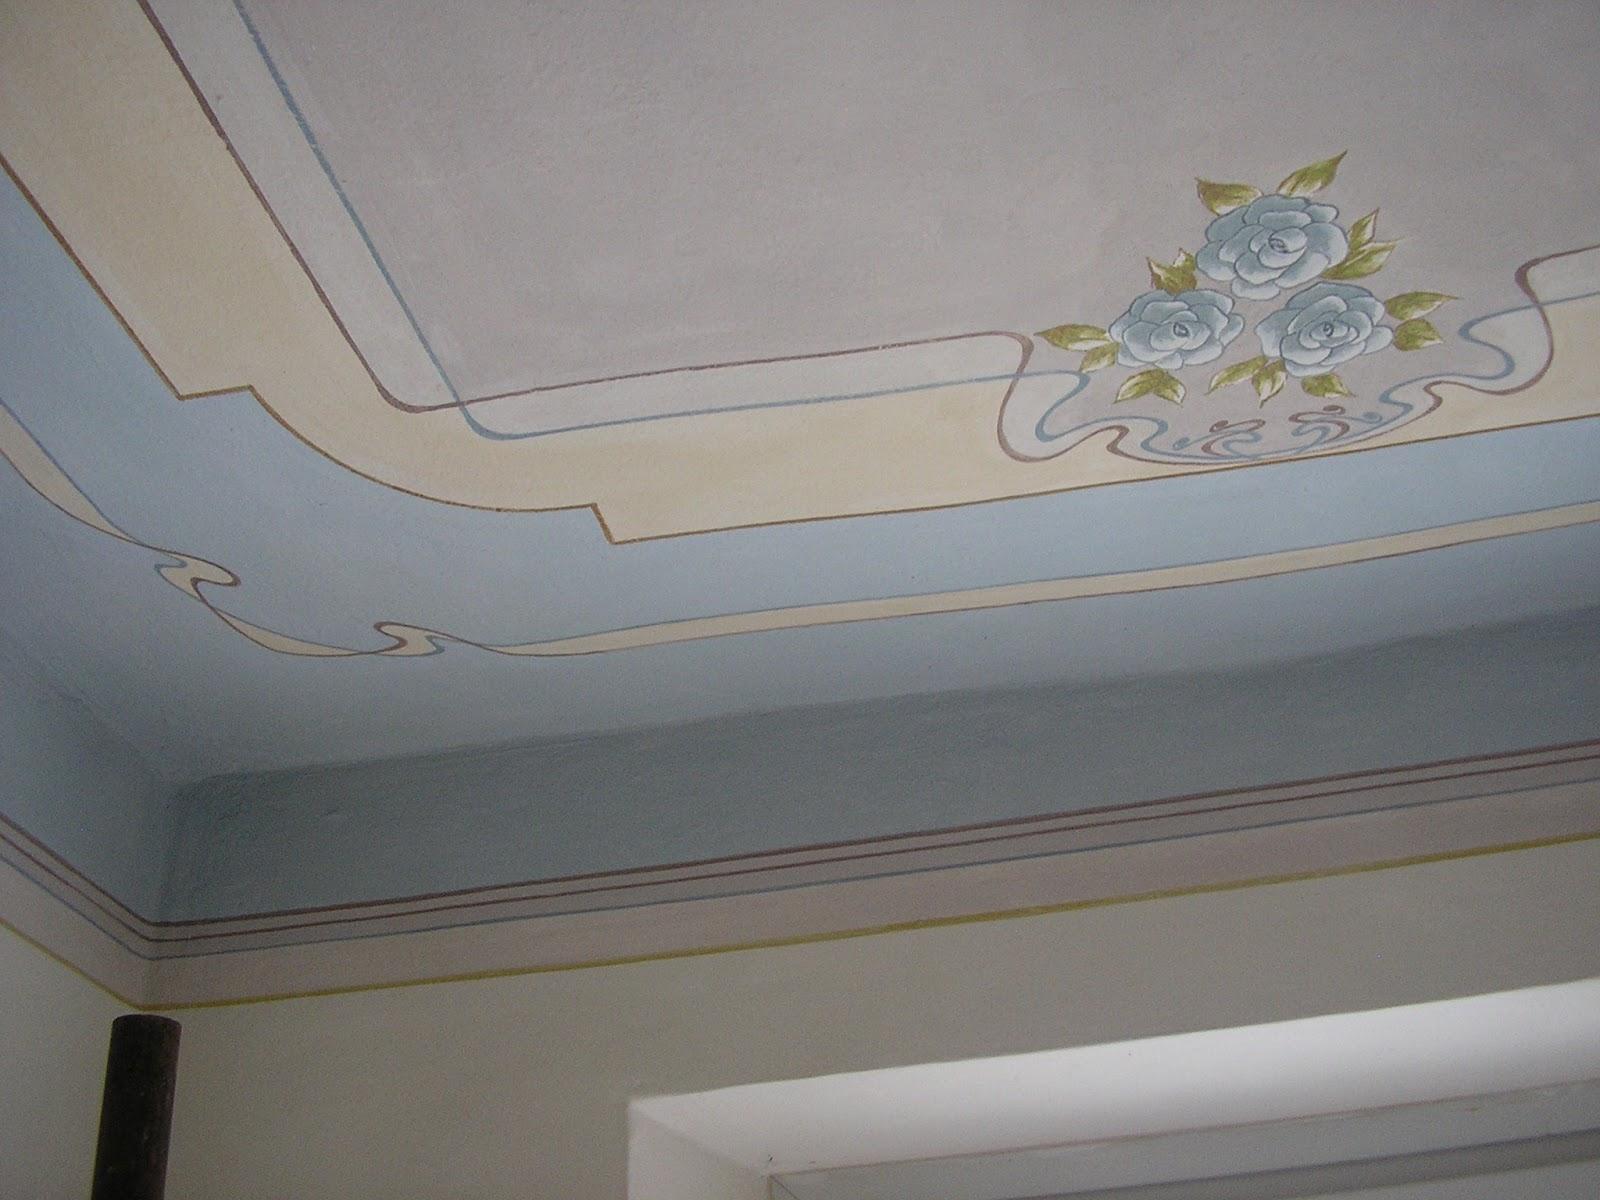 Laboratorio m 39 arte soffitti decorati - Soffitti decorati ...